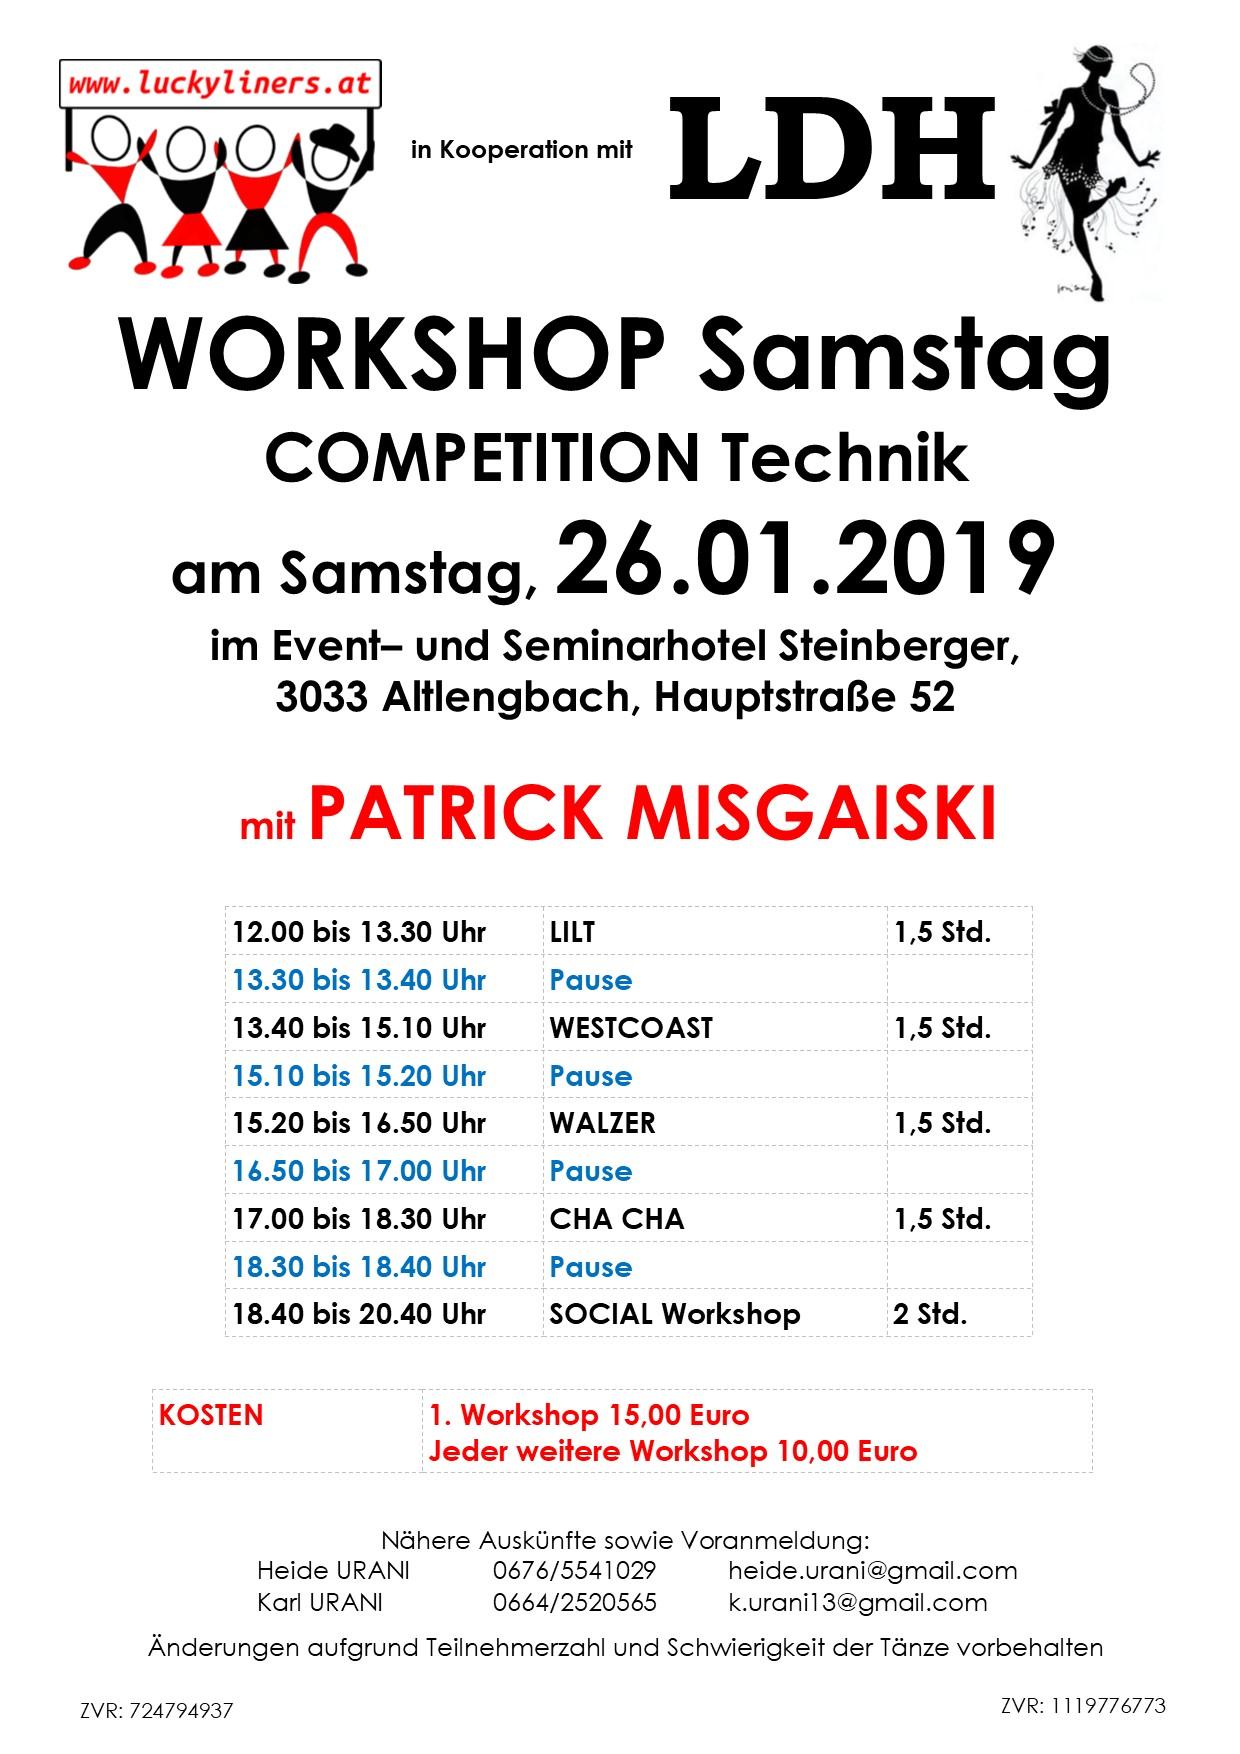 WS 26.01.2019 Misgaiski